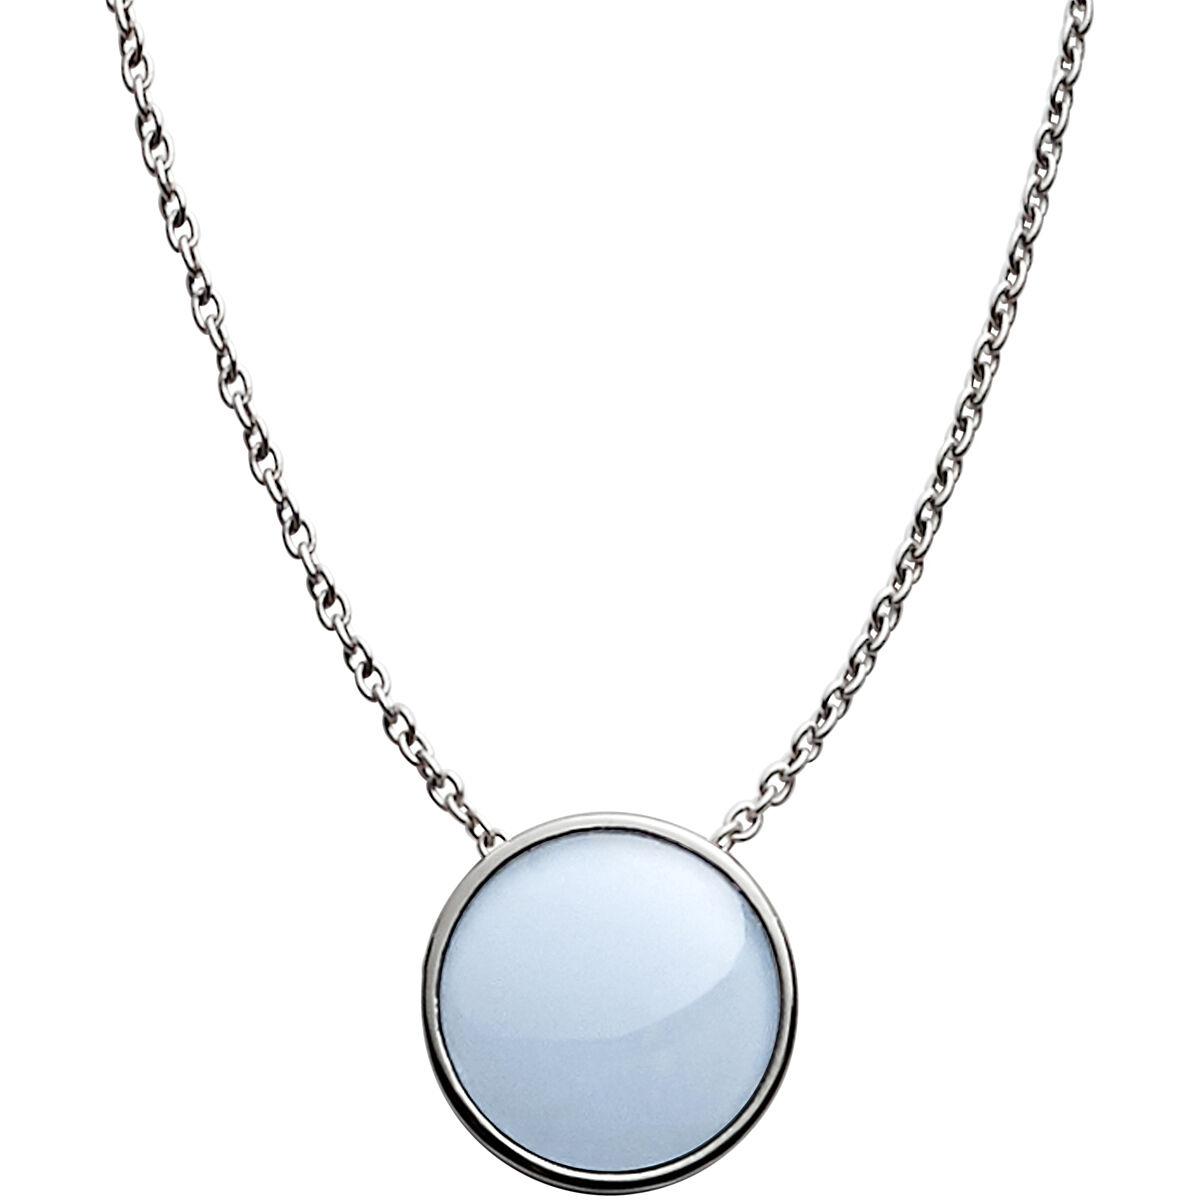 Halskette 1757, UVP: 49,00€